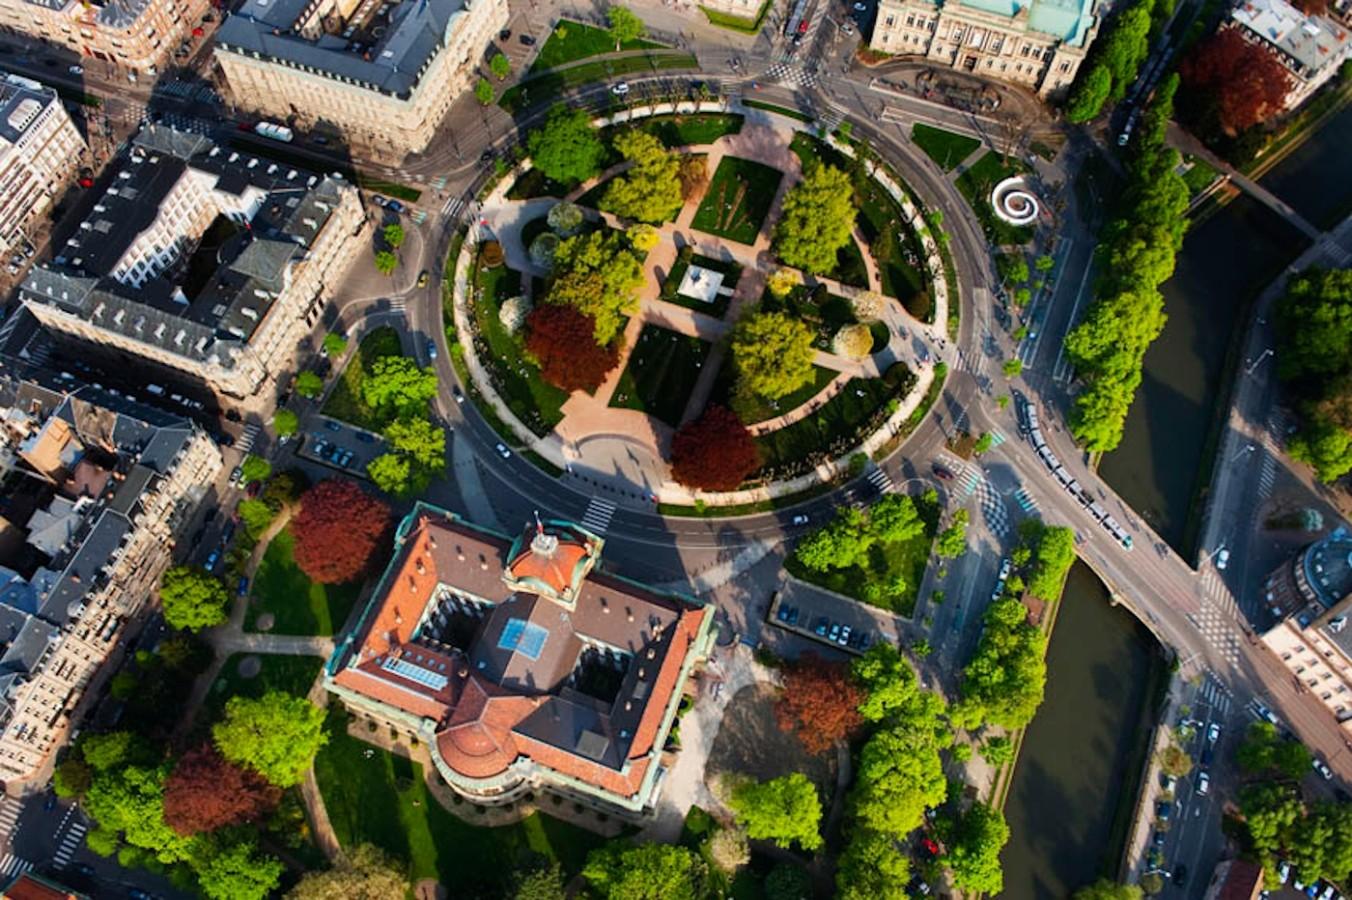 Doświadczenie W Strasbourgu, Francja według Danieli